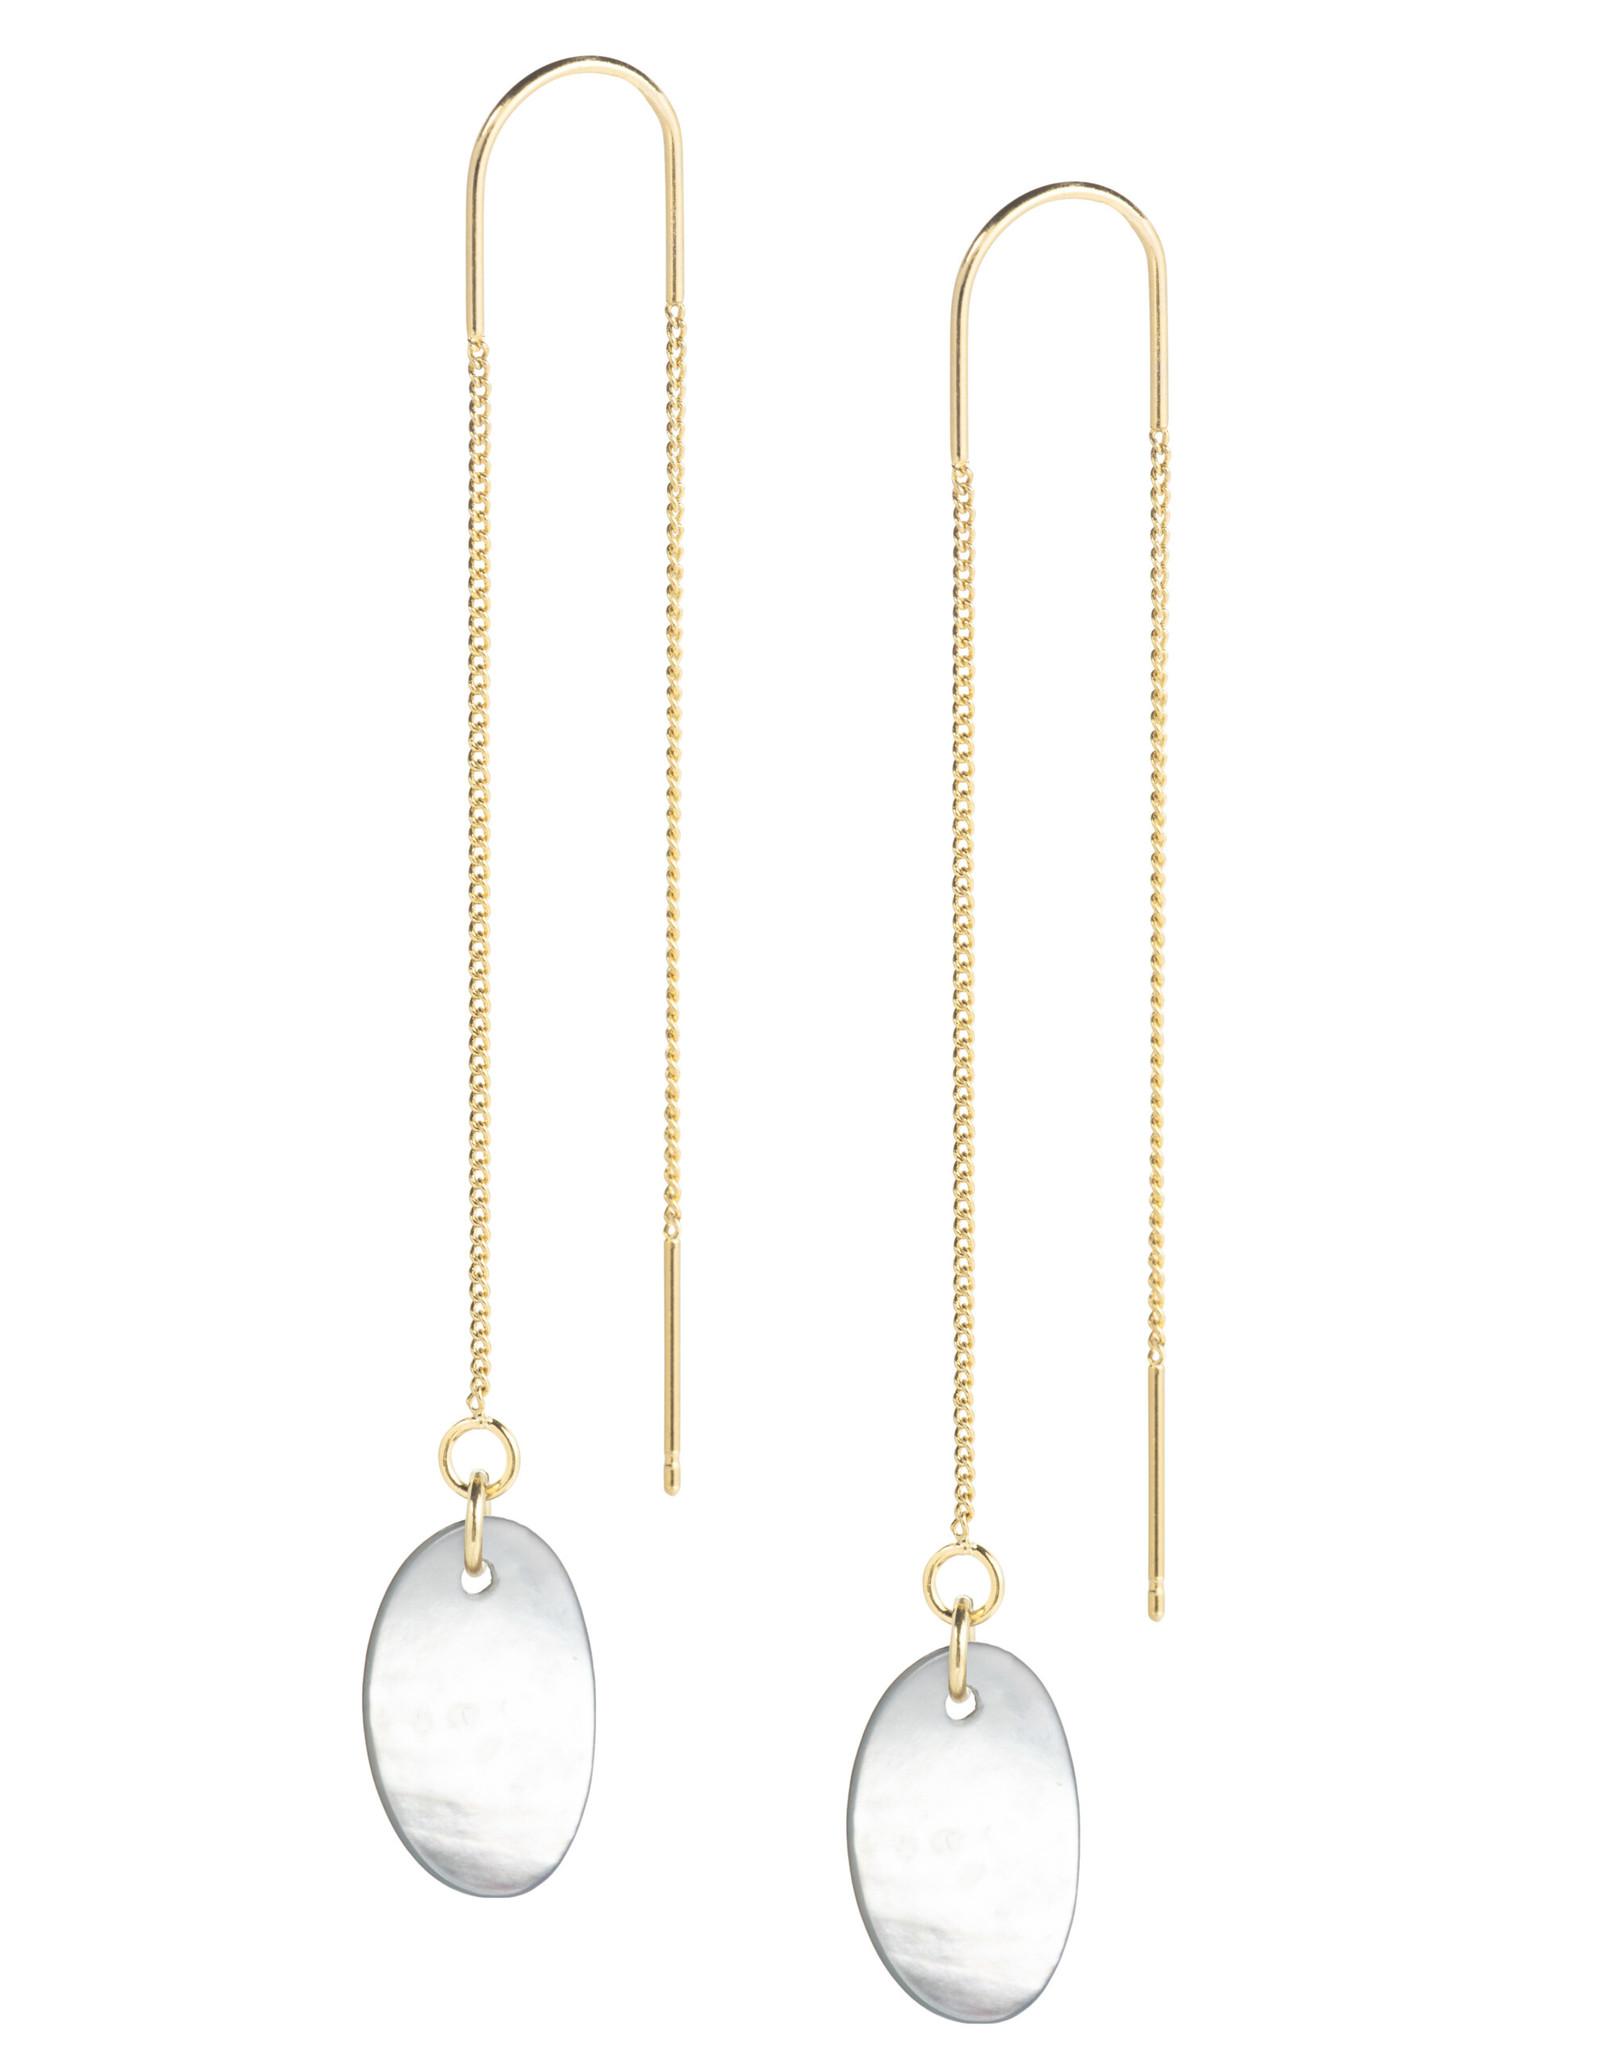 Earthreads organische hanger parelmoer wit